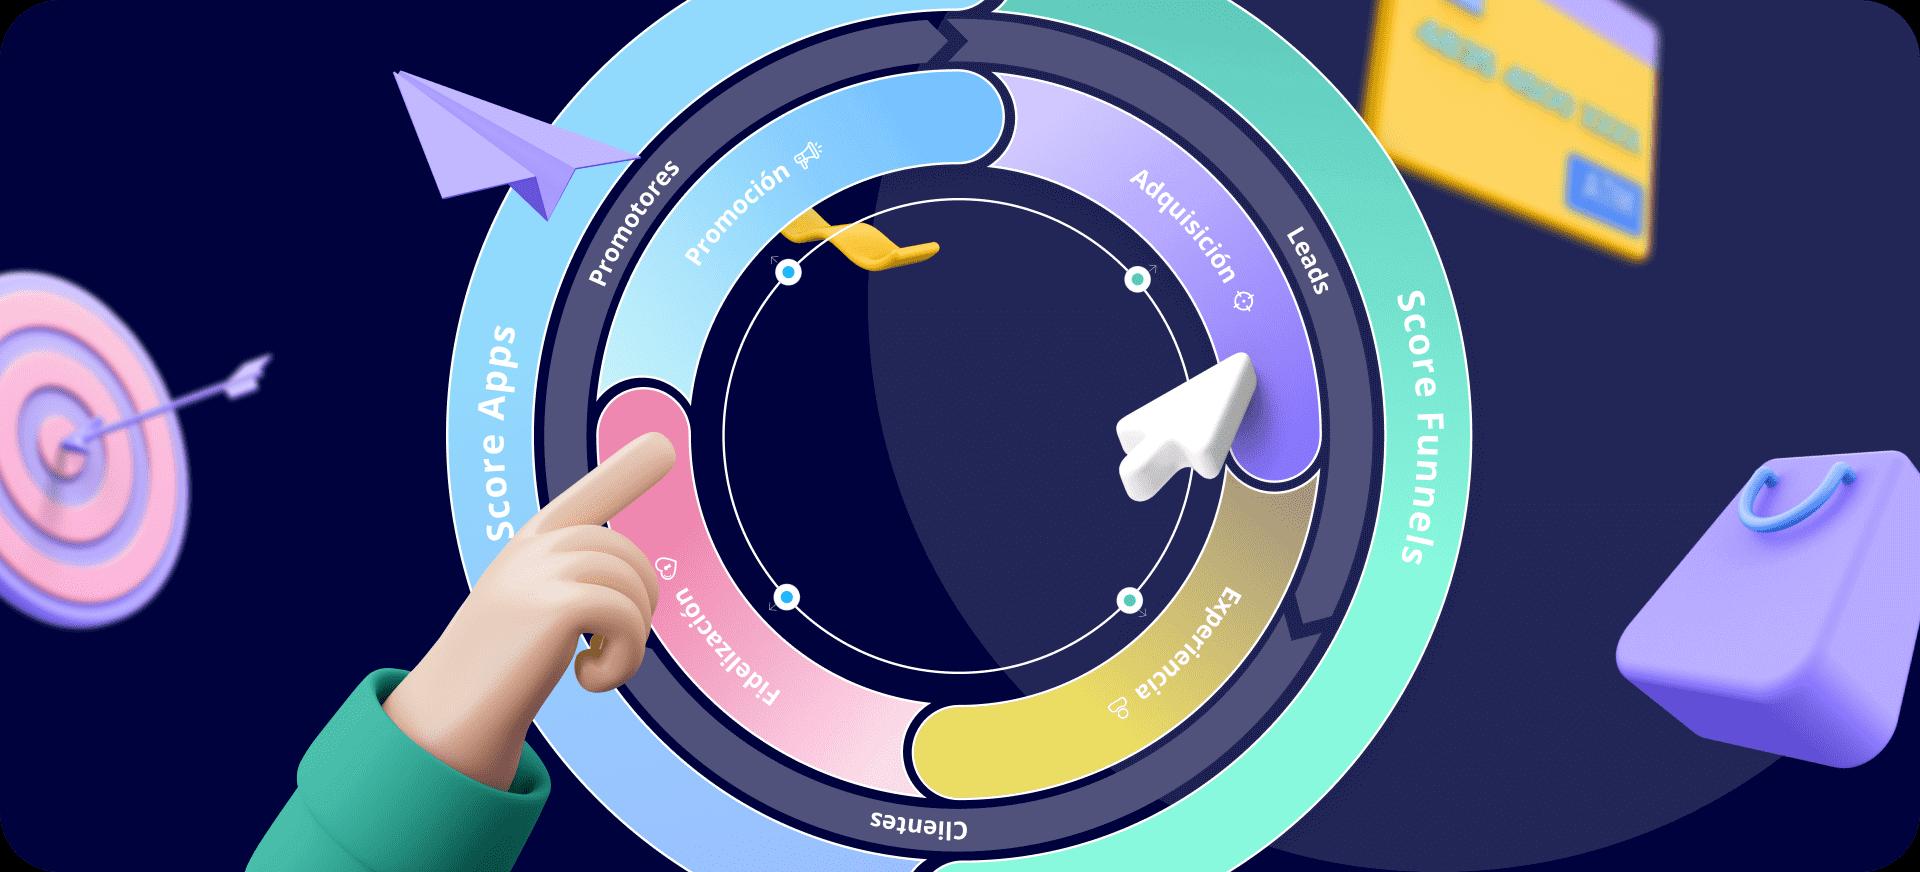 Circulo con las distintas fases del Mobile Marketing Flywheel